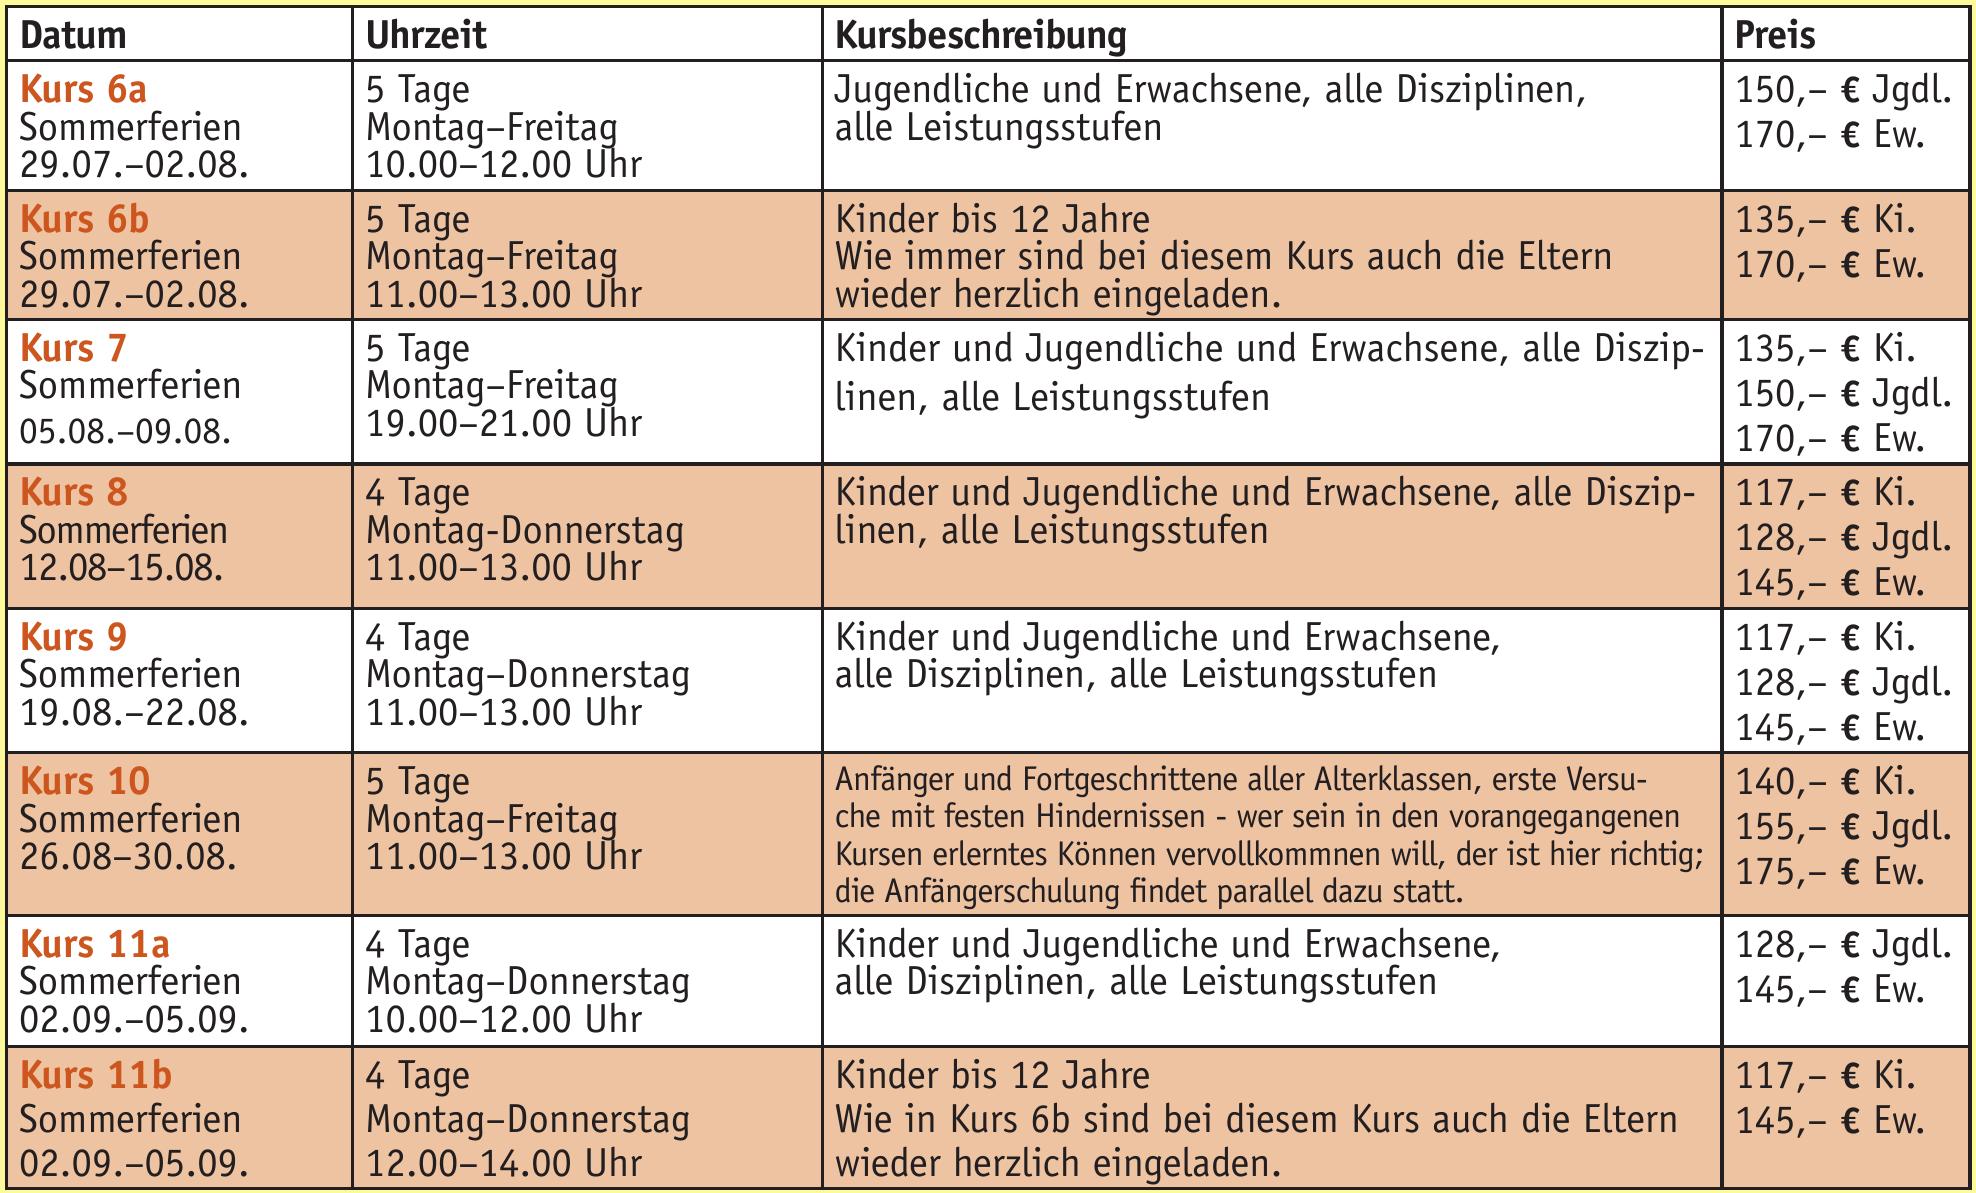 Ferienkursprogramm 2019 des Cable Parks Mannheim am Rheinauer See Image 2